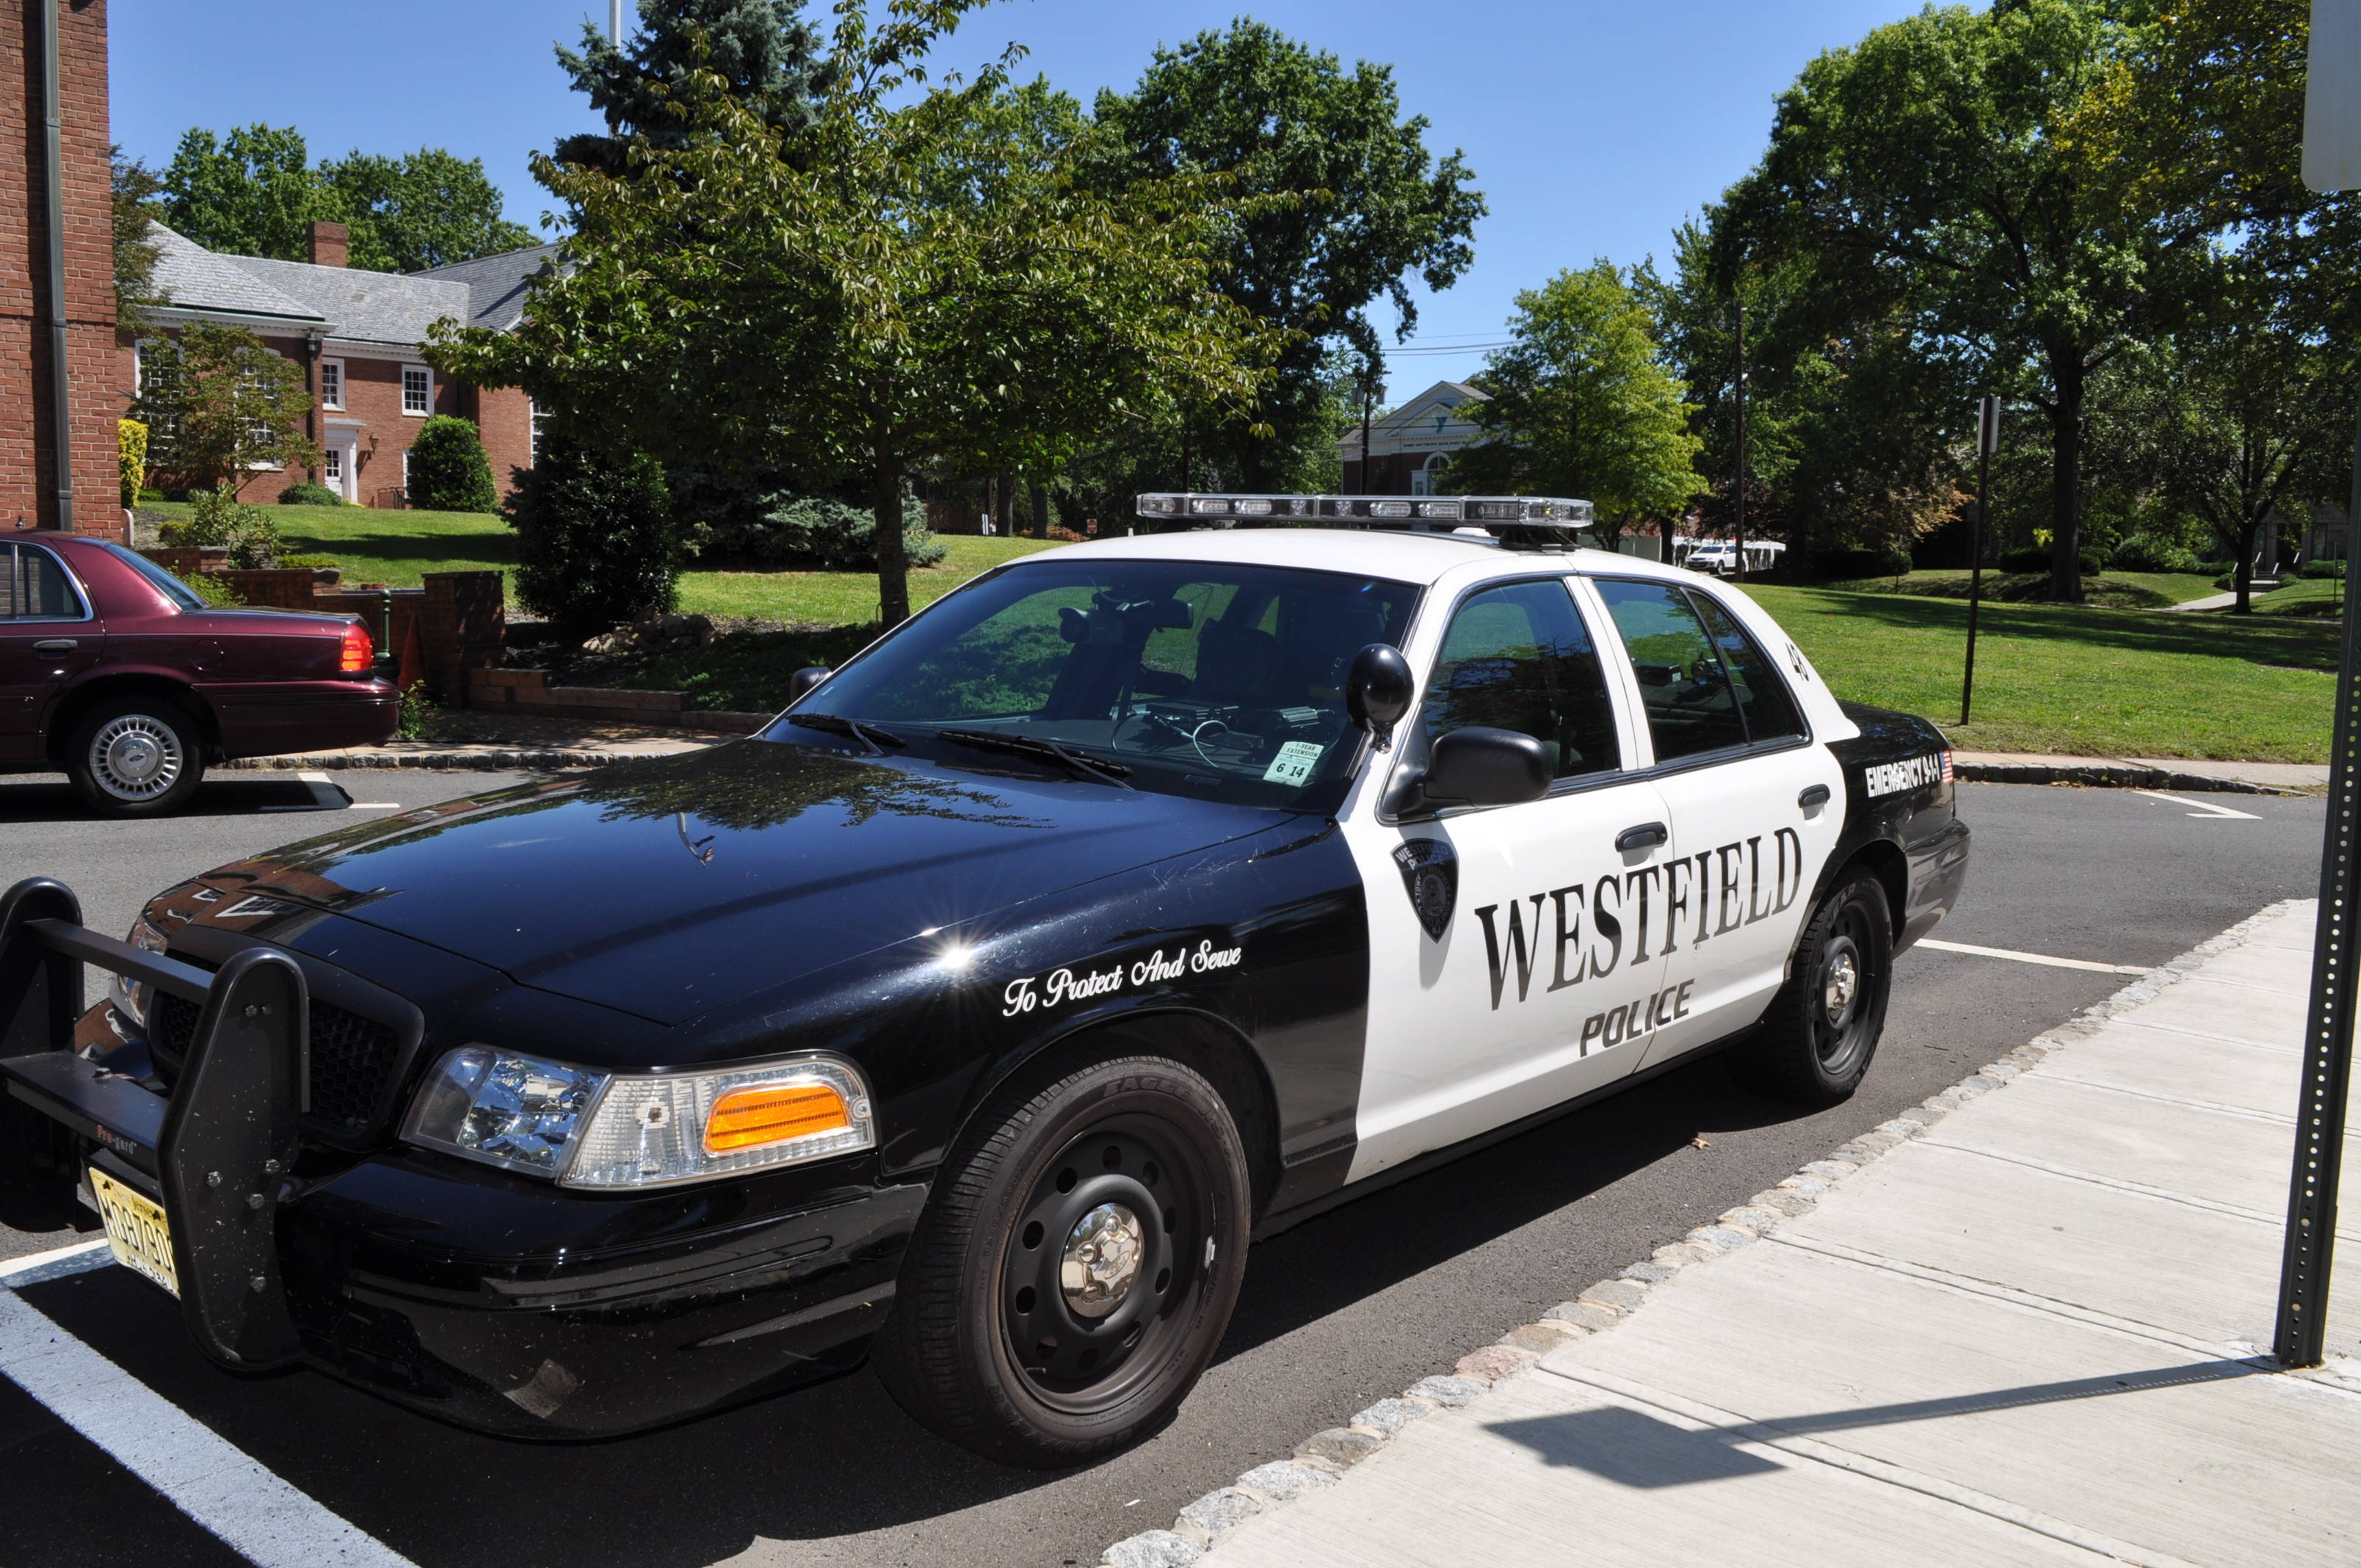 f5ae4d4ed7287c286ab2_6740b368358b624555c1_police_car.JPG